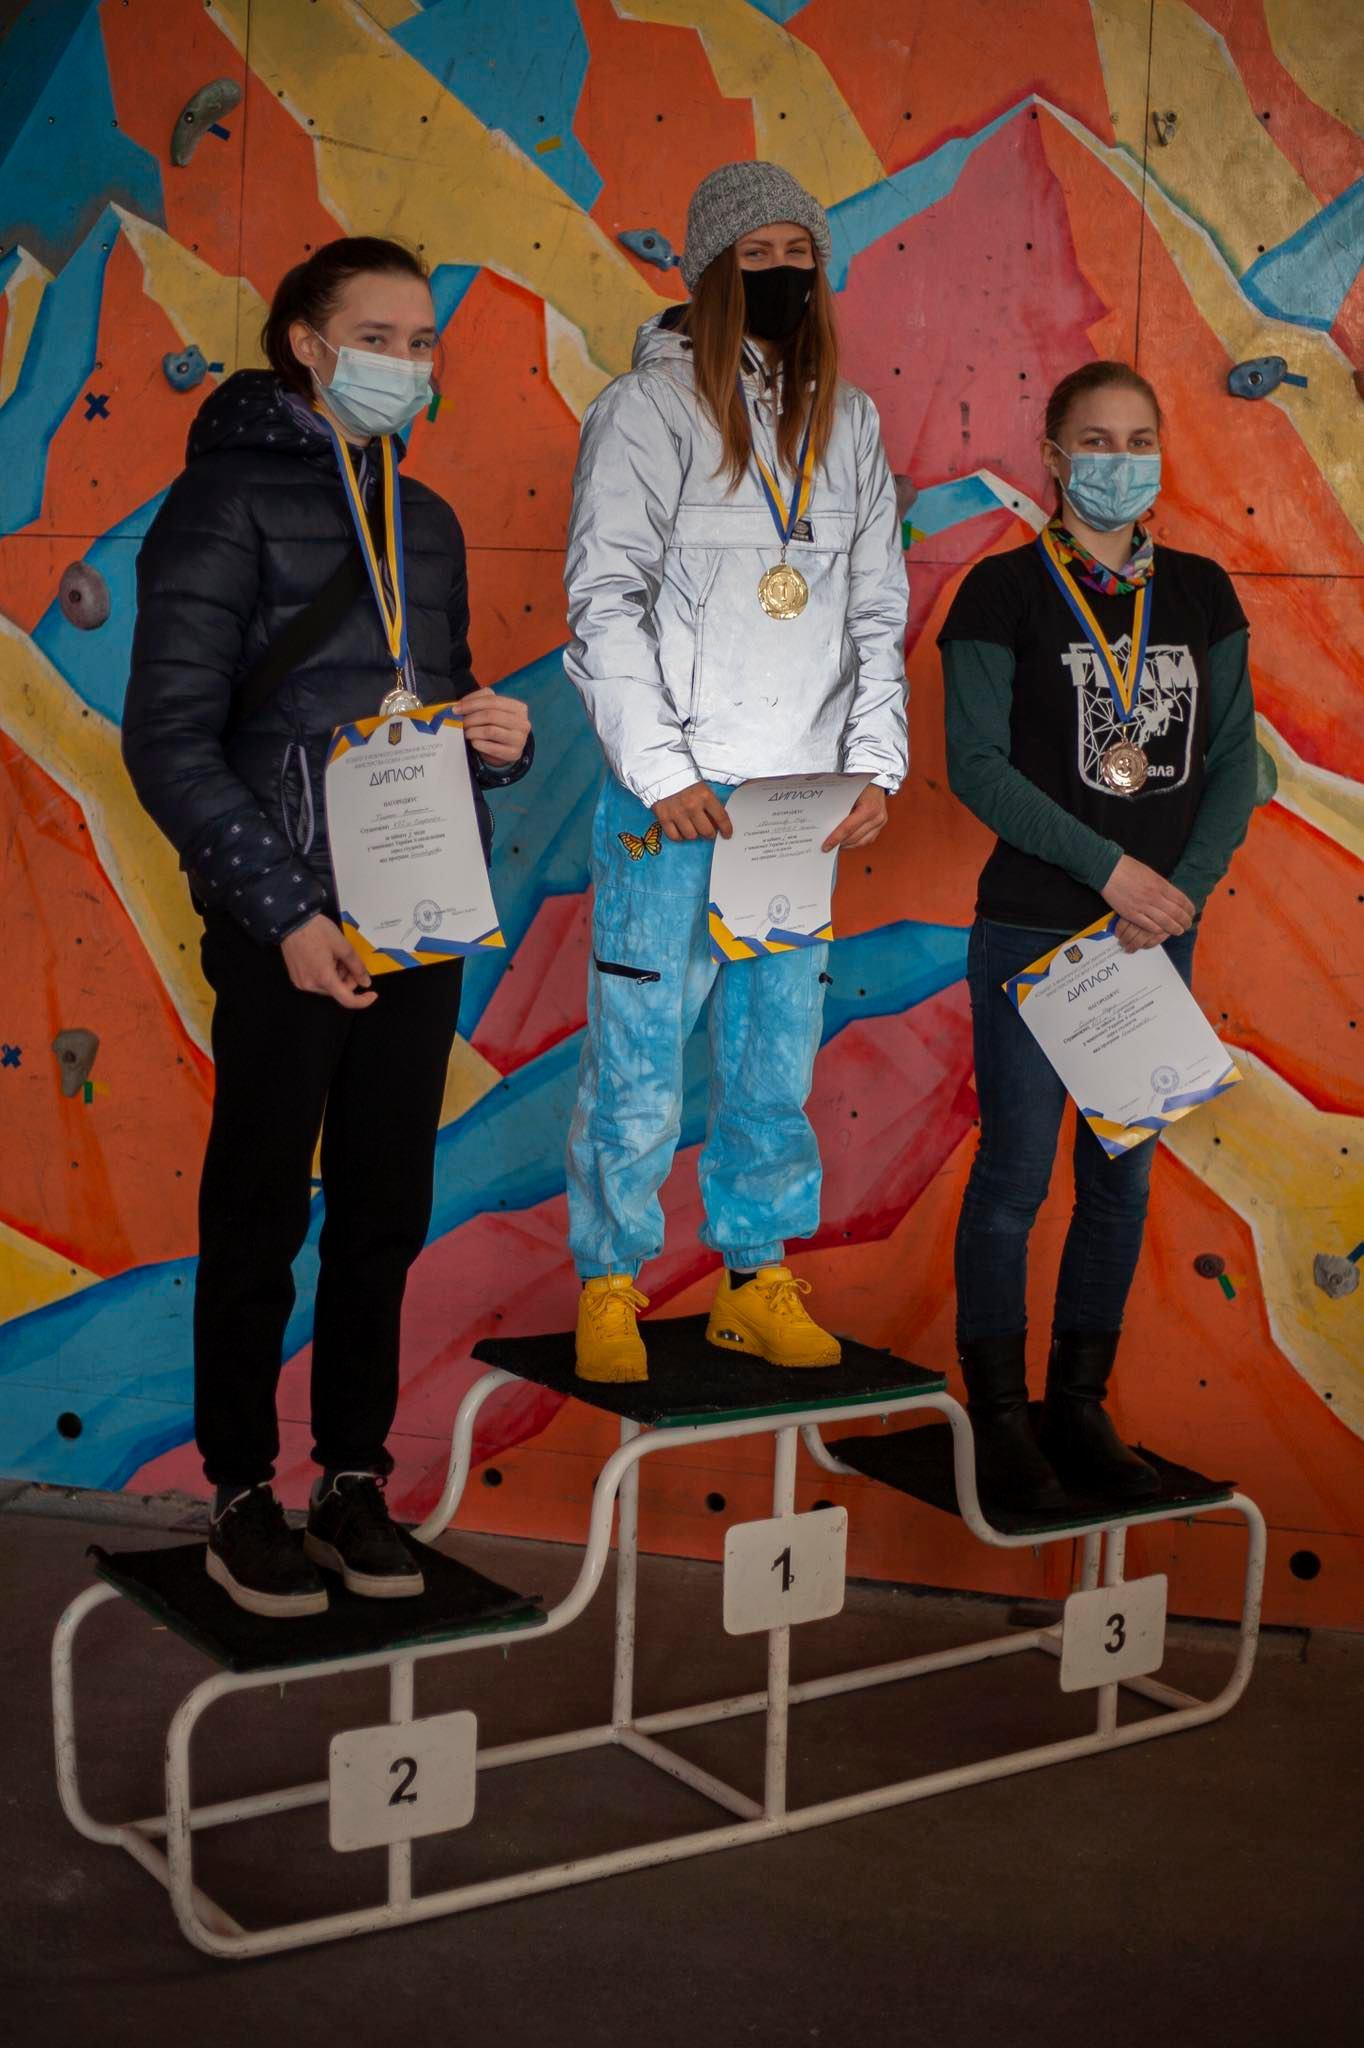 чемпіонат України зі скелелазіння серед студентів. Фото